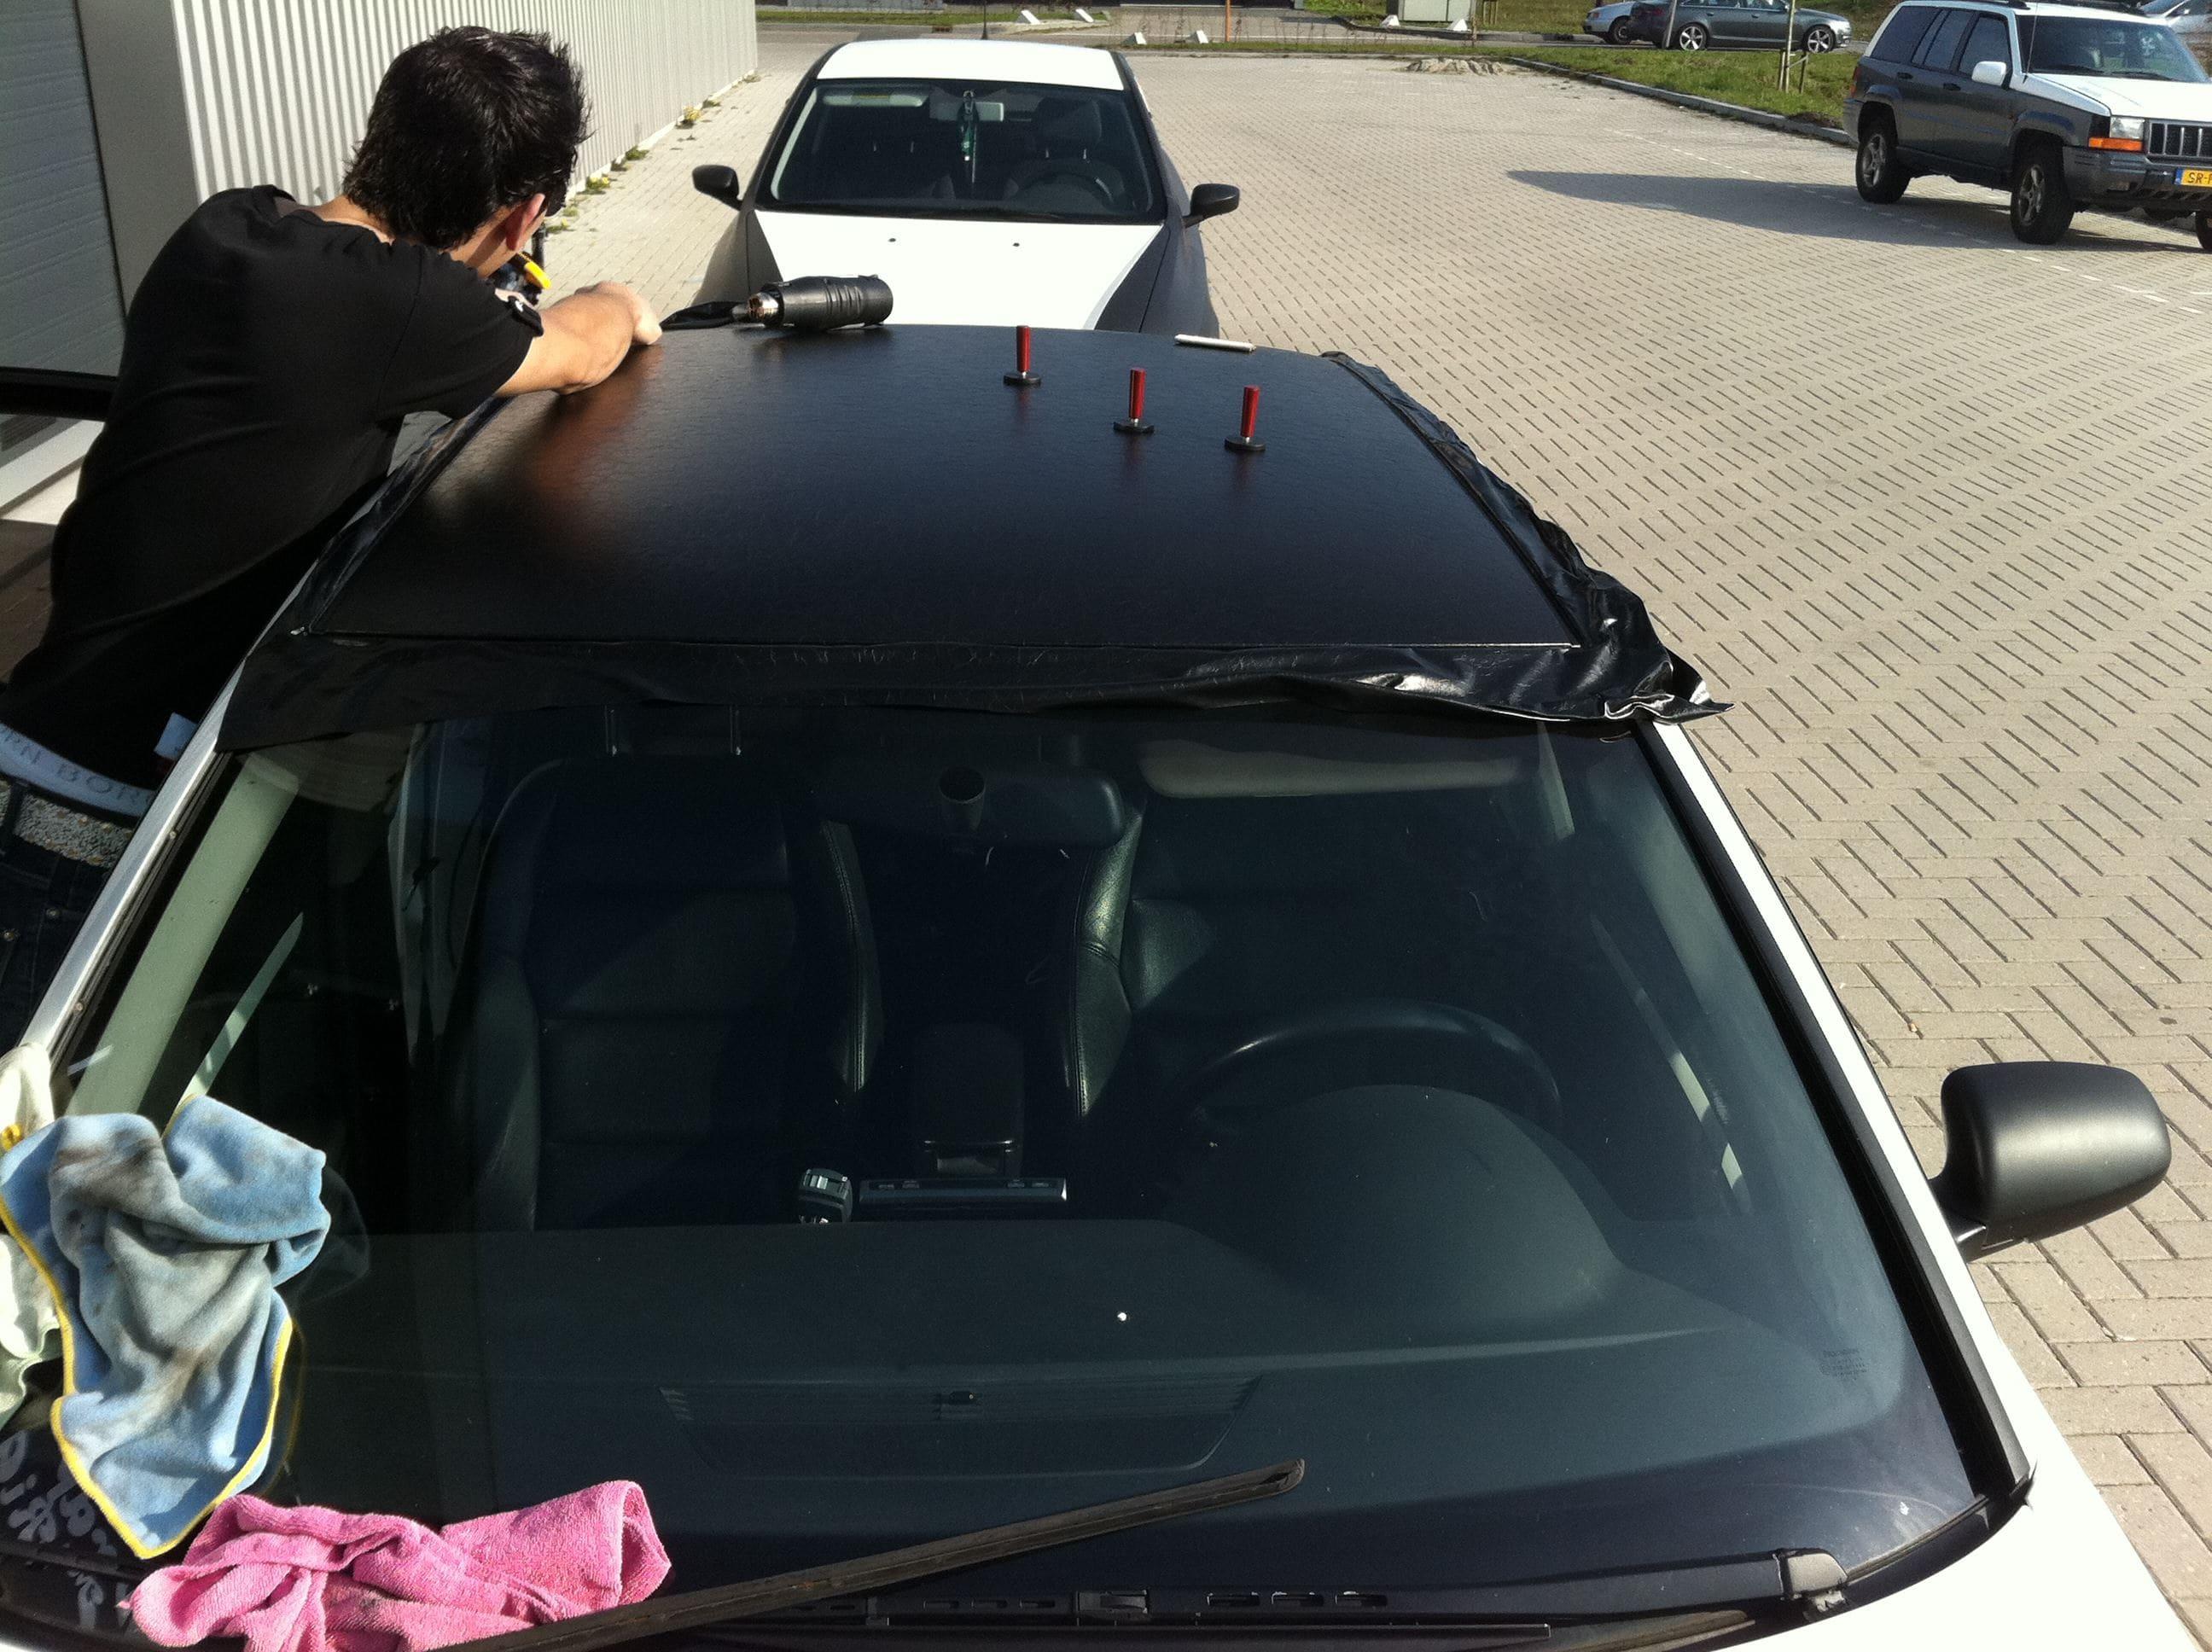 Audi A4 met Witte Parelmoer Wrap, Carwrapping door Wrapmyride.nu Foto-nr:4526, ©2021